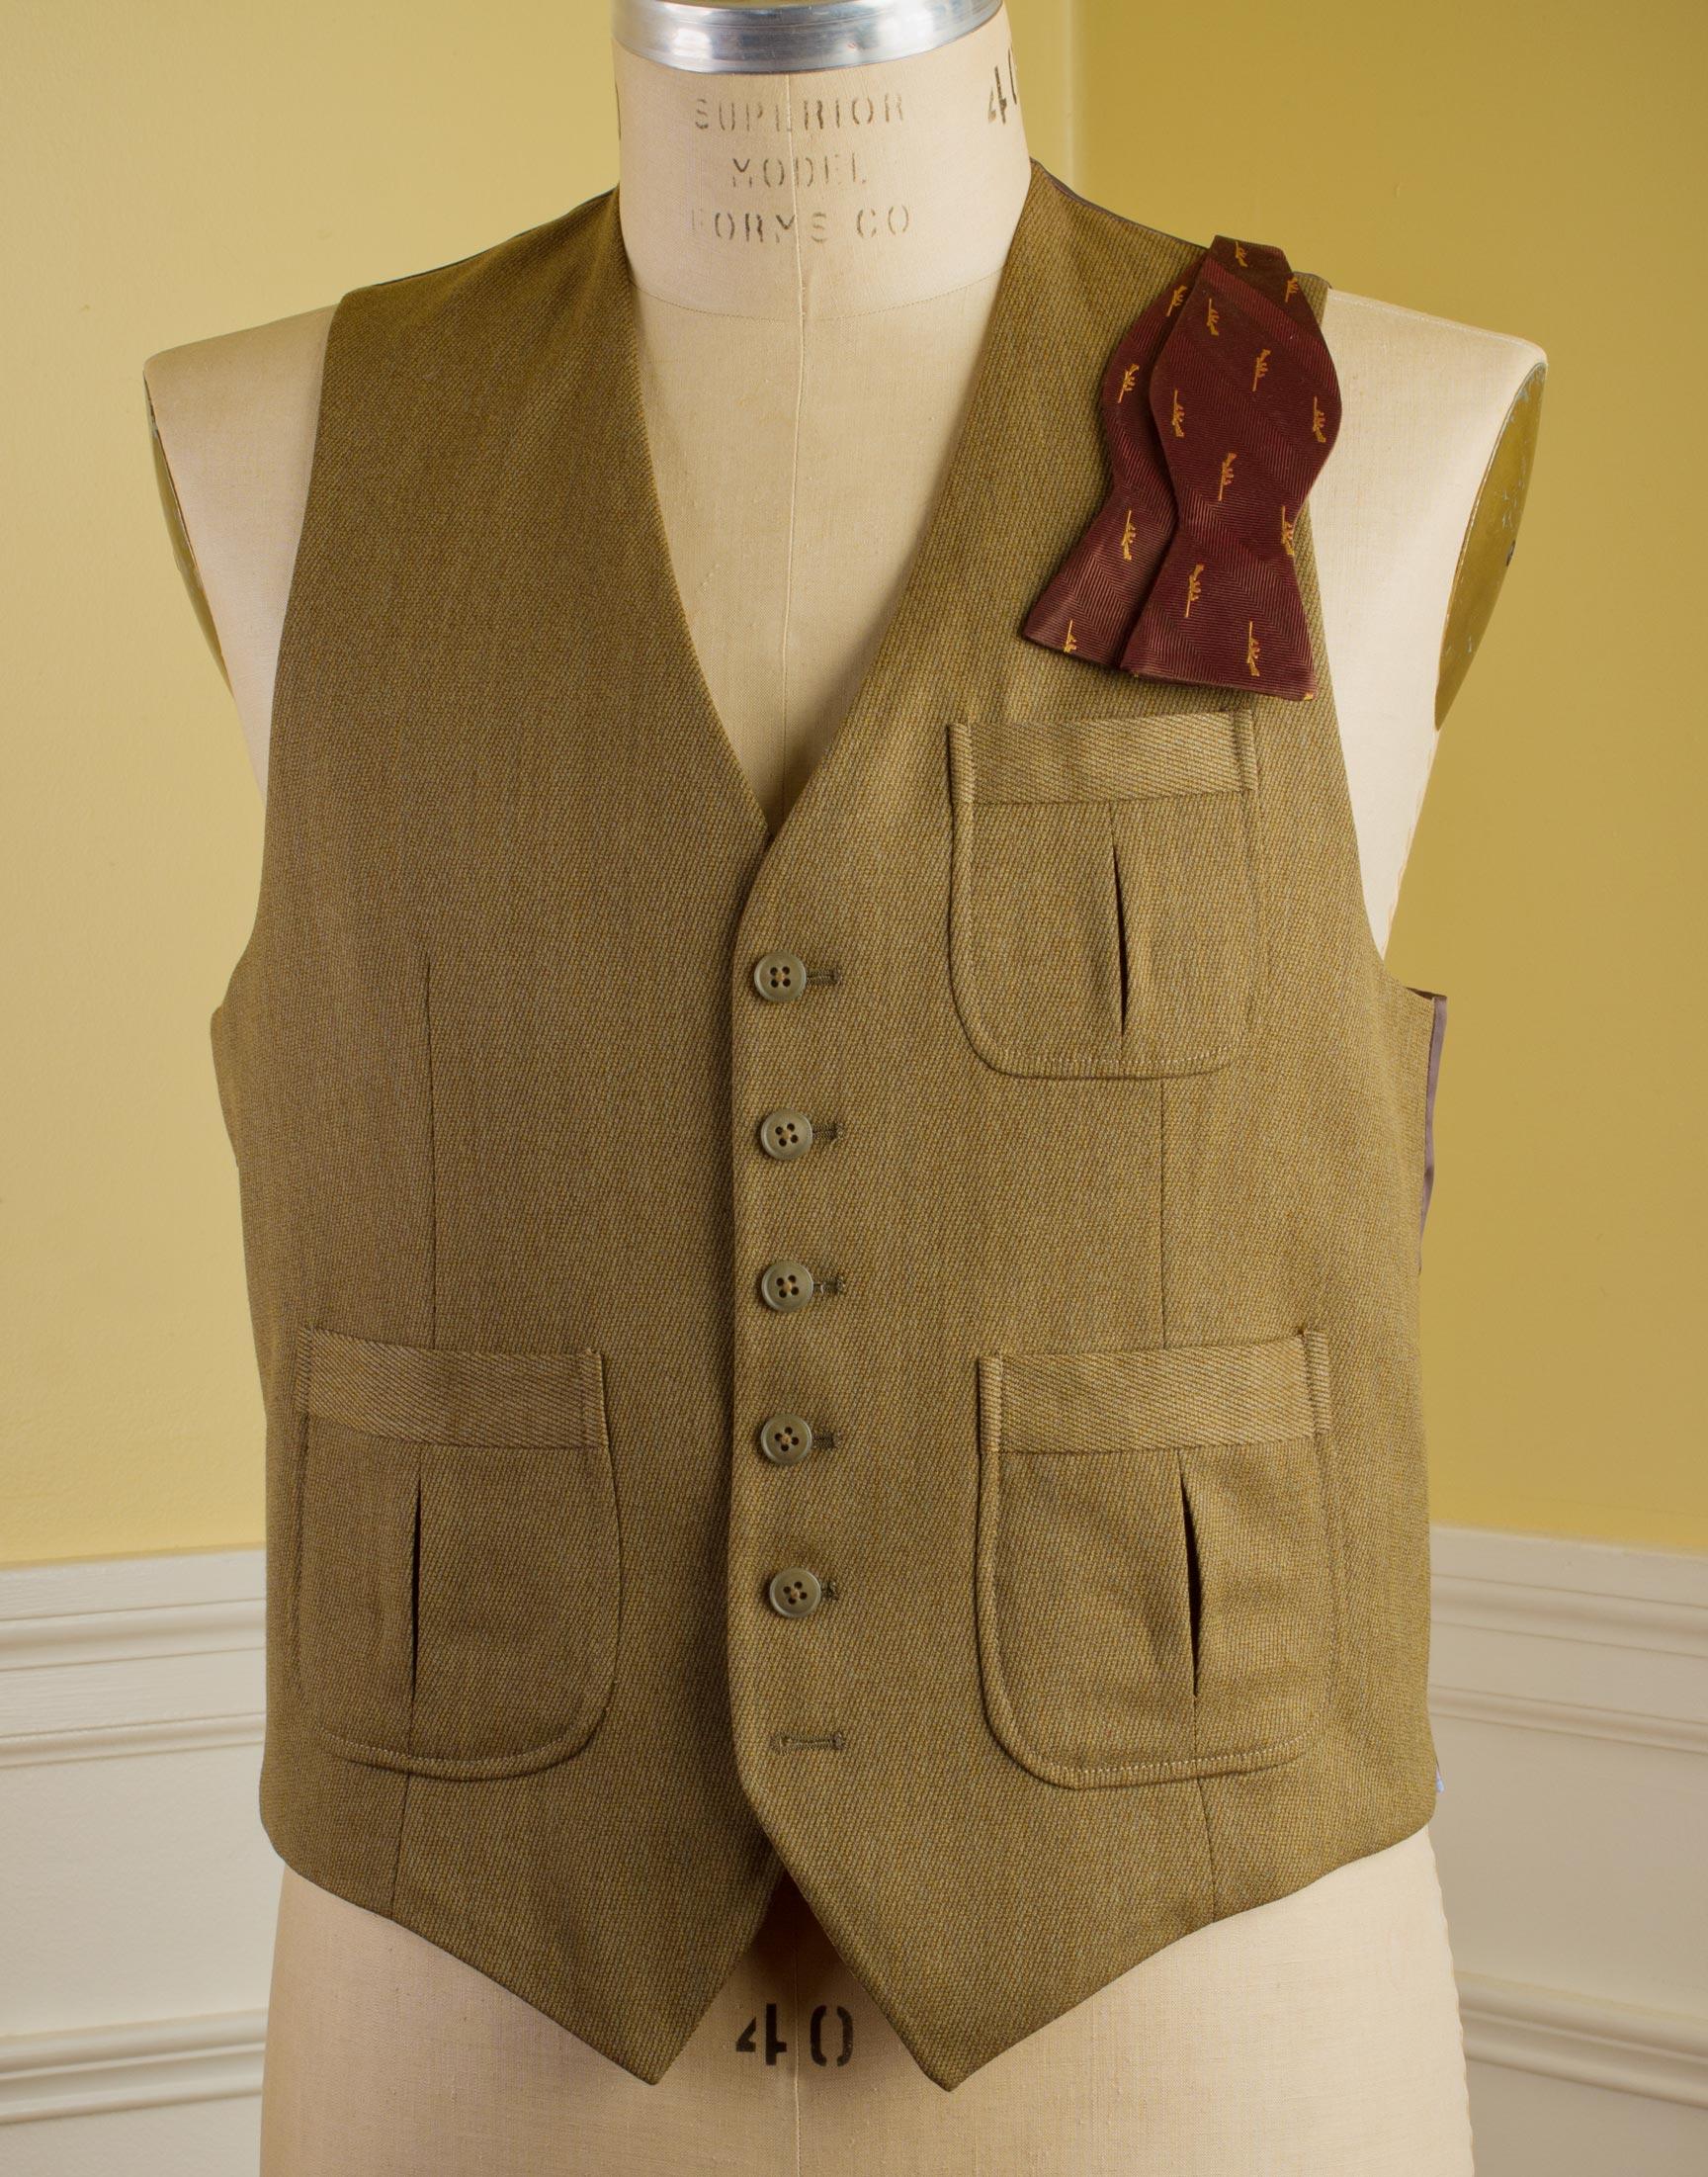 patch-pocket-vest-coat